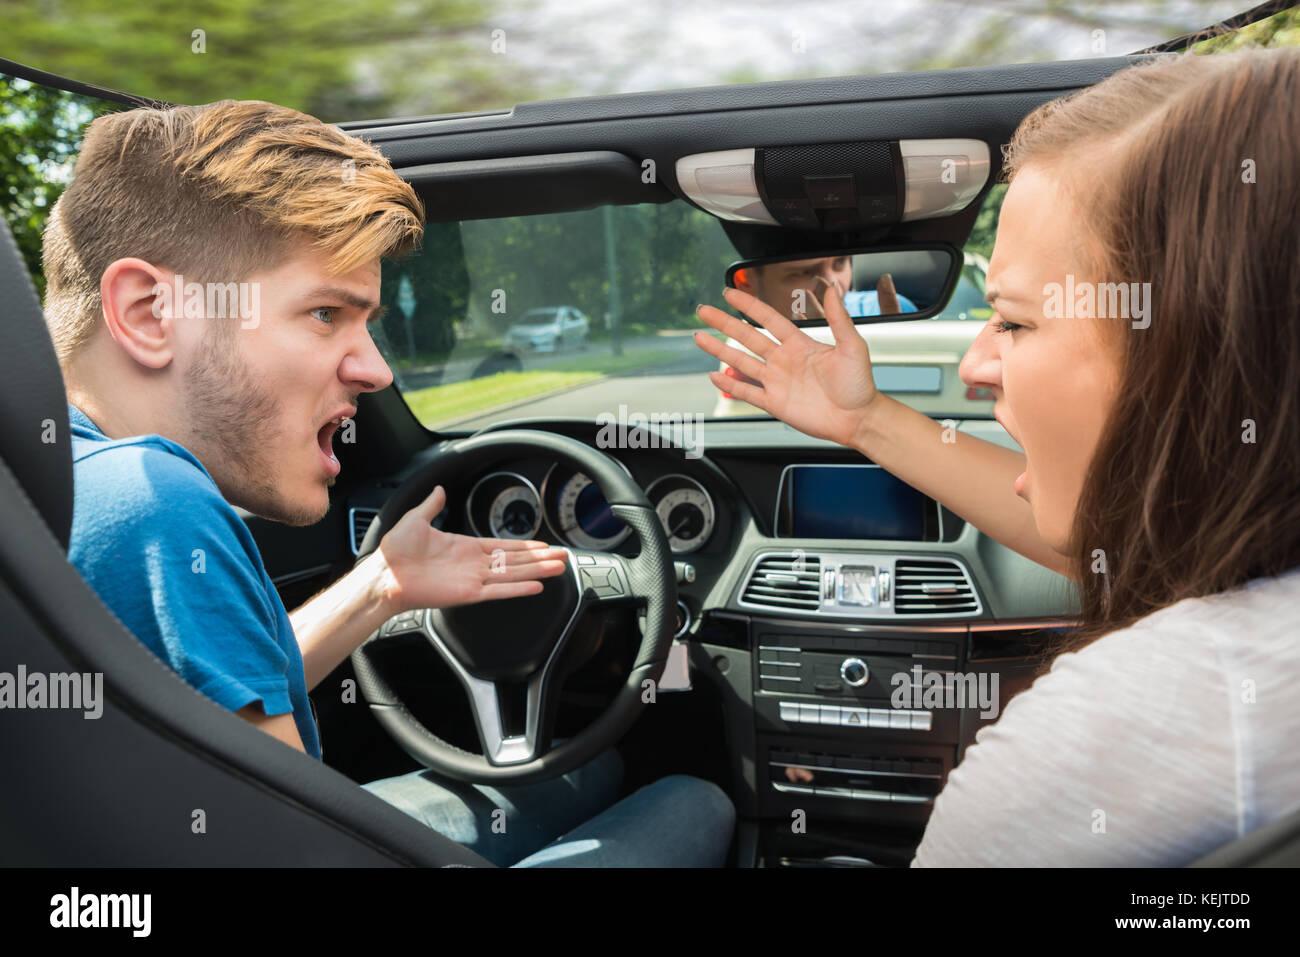 Unglücklich junges Paar im Auto streiten Stockbild